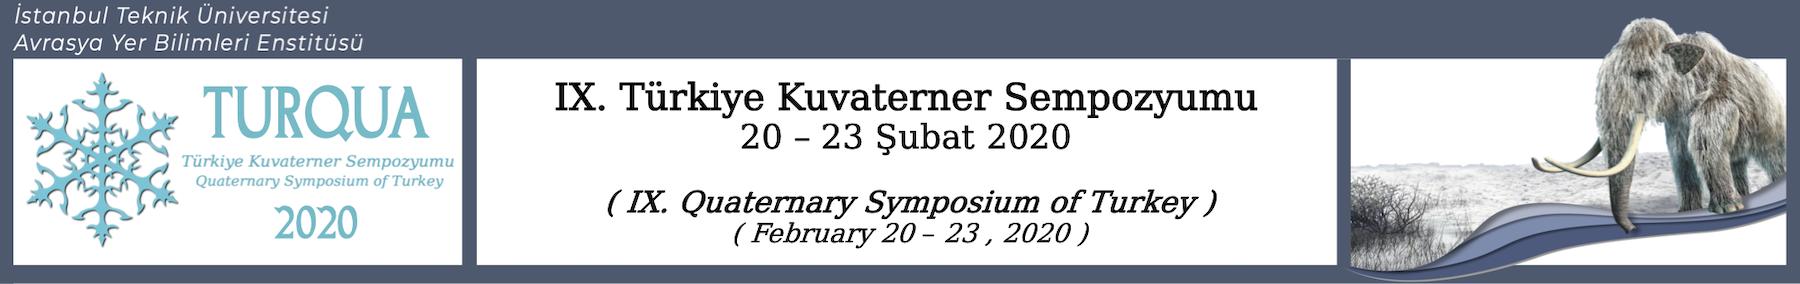 Türkiye Kuvaterner Sempozyumu (Quaternary Symposium of Turkey)